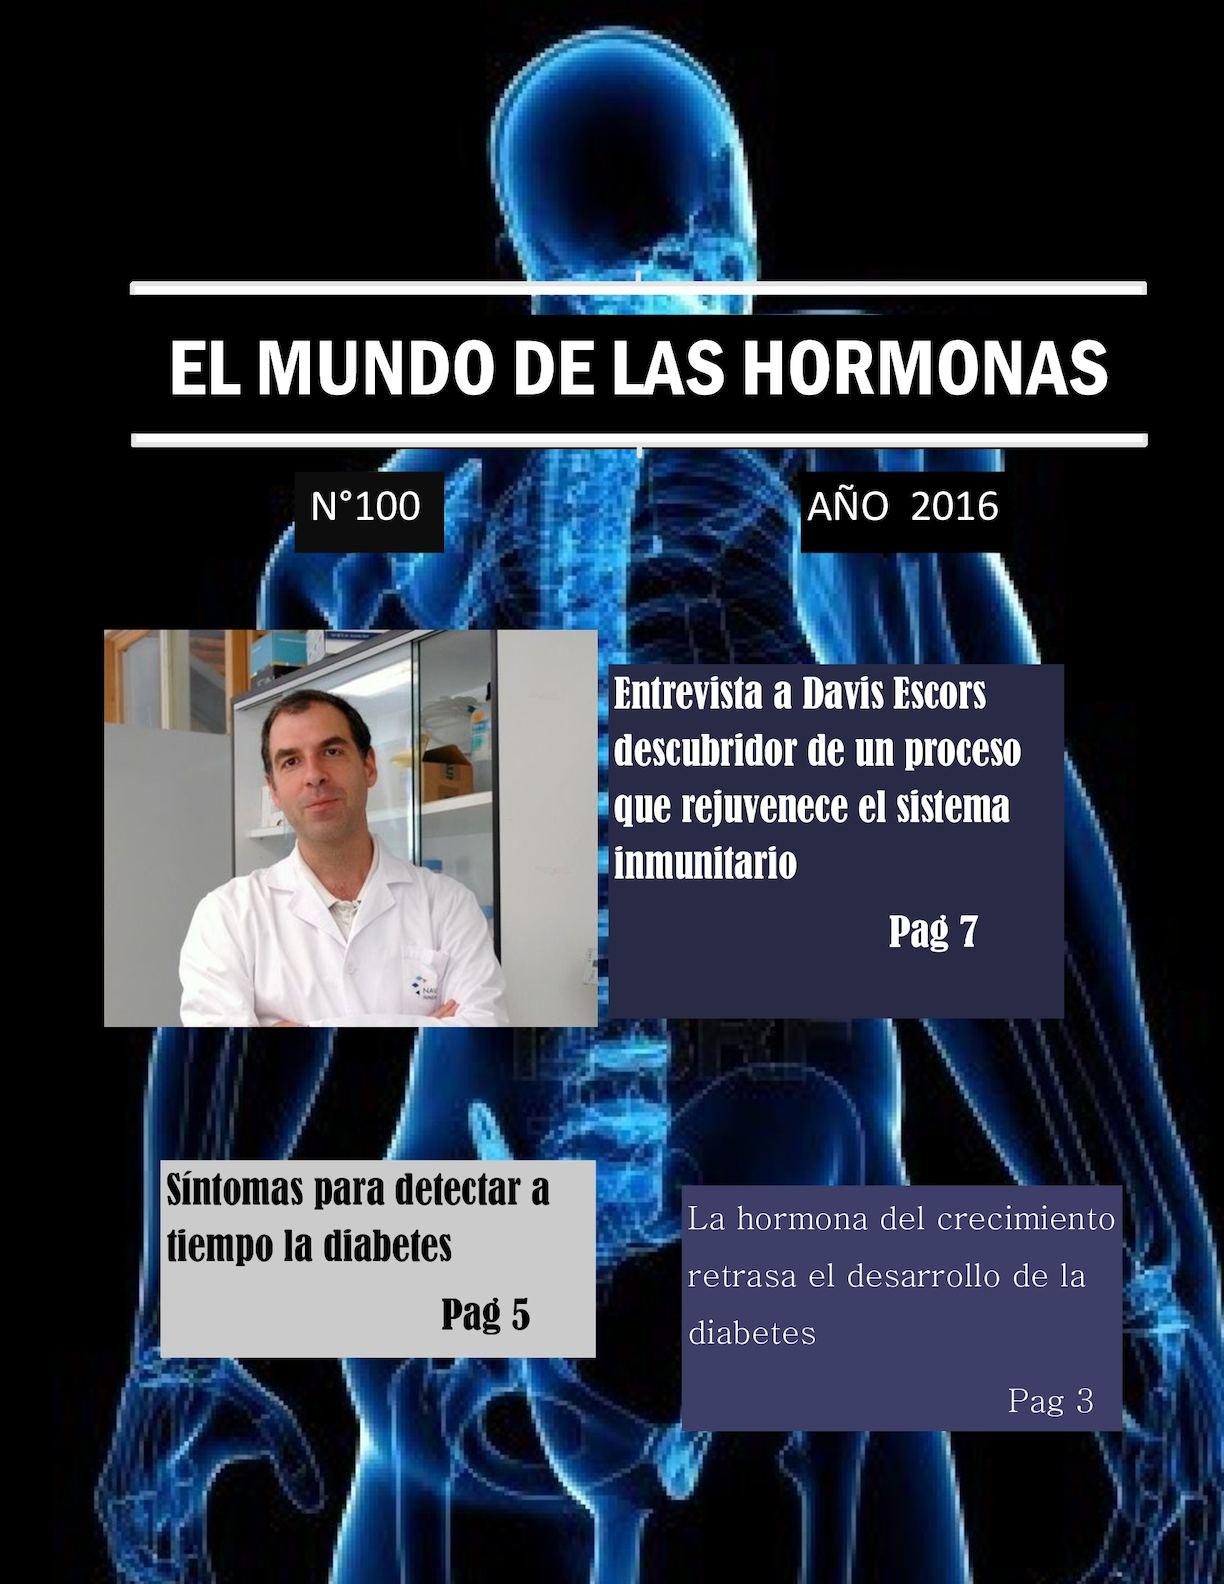 hormona del crecimiento de la diabetes